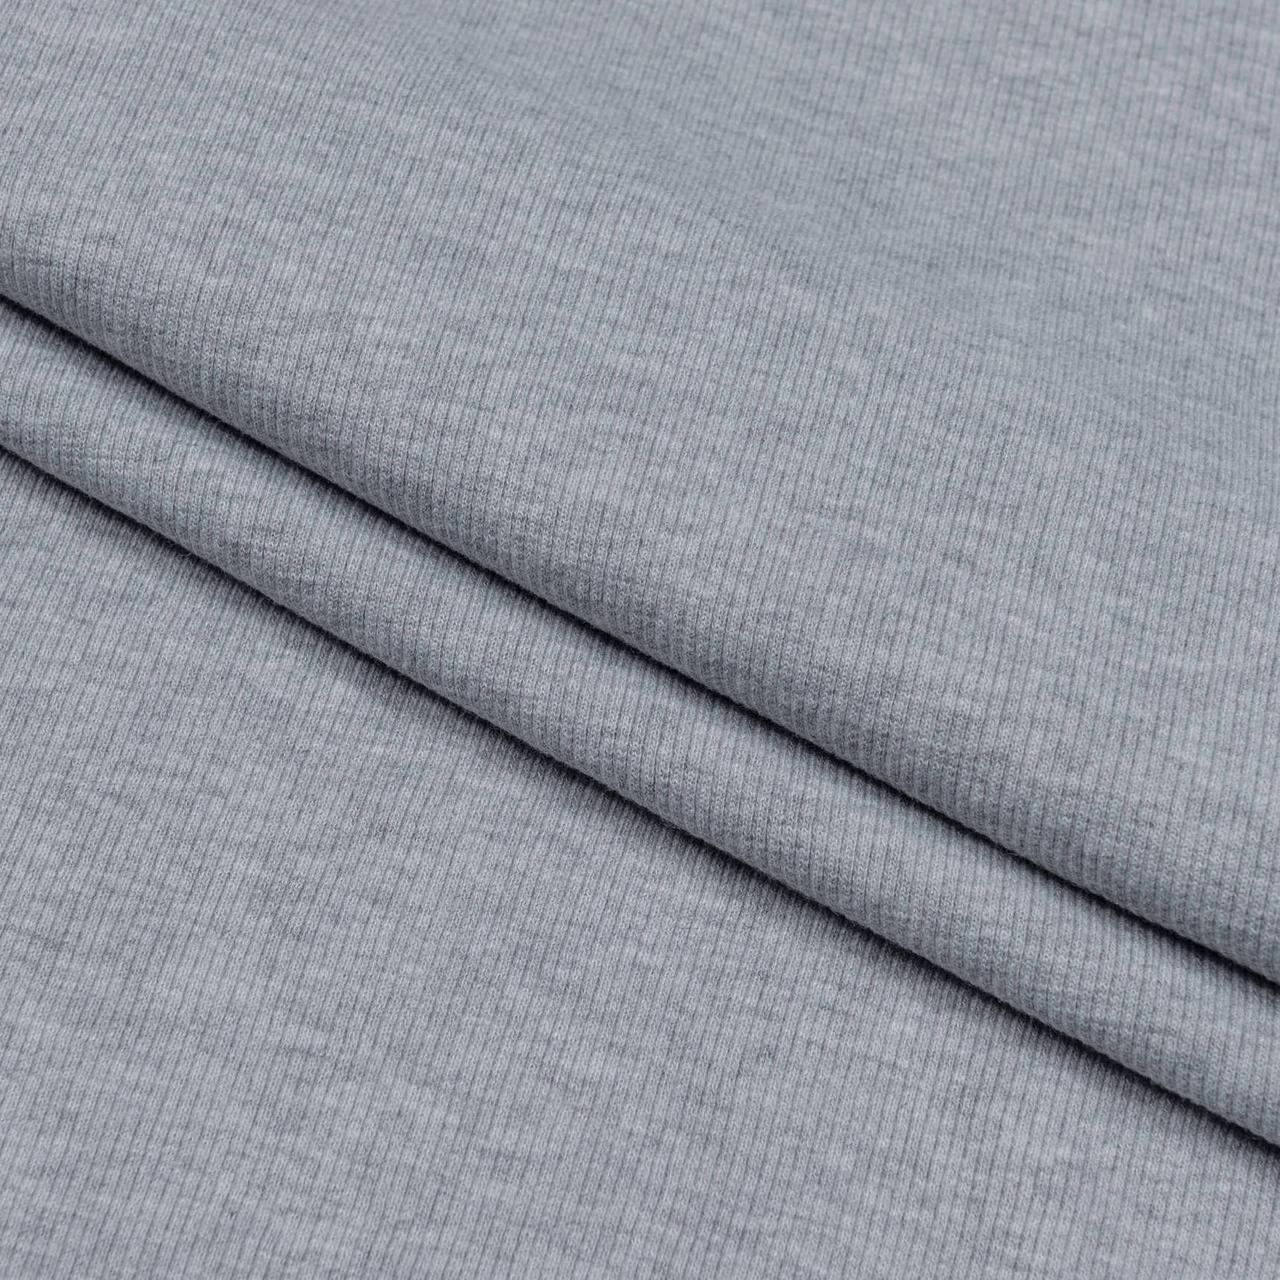 Трикотаж Рибана однотонная, серый меланж, качество пенье. Купить оптом рибану в Украине